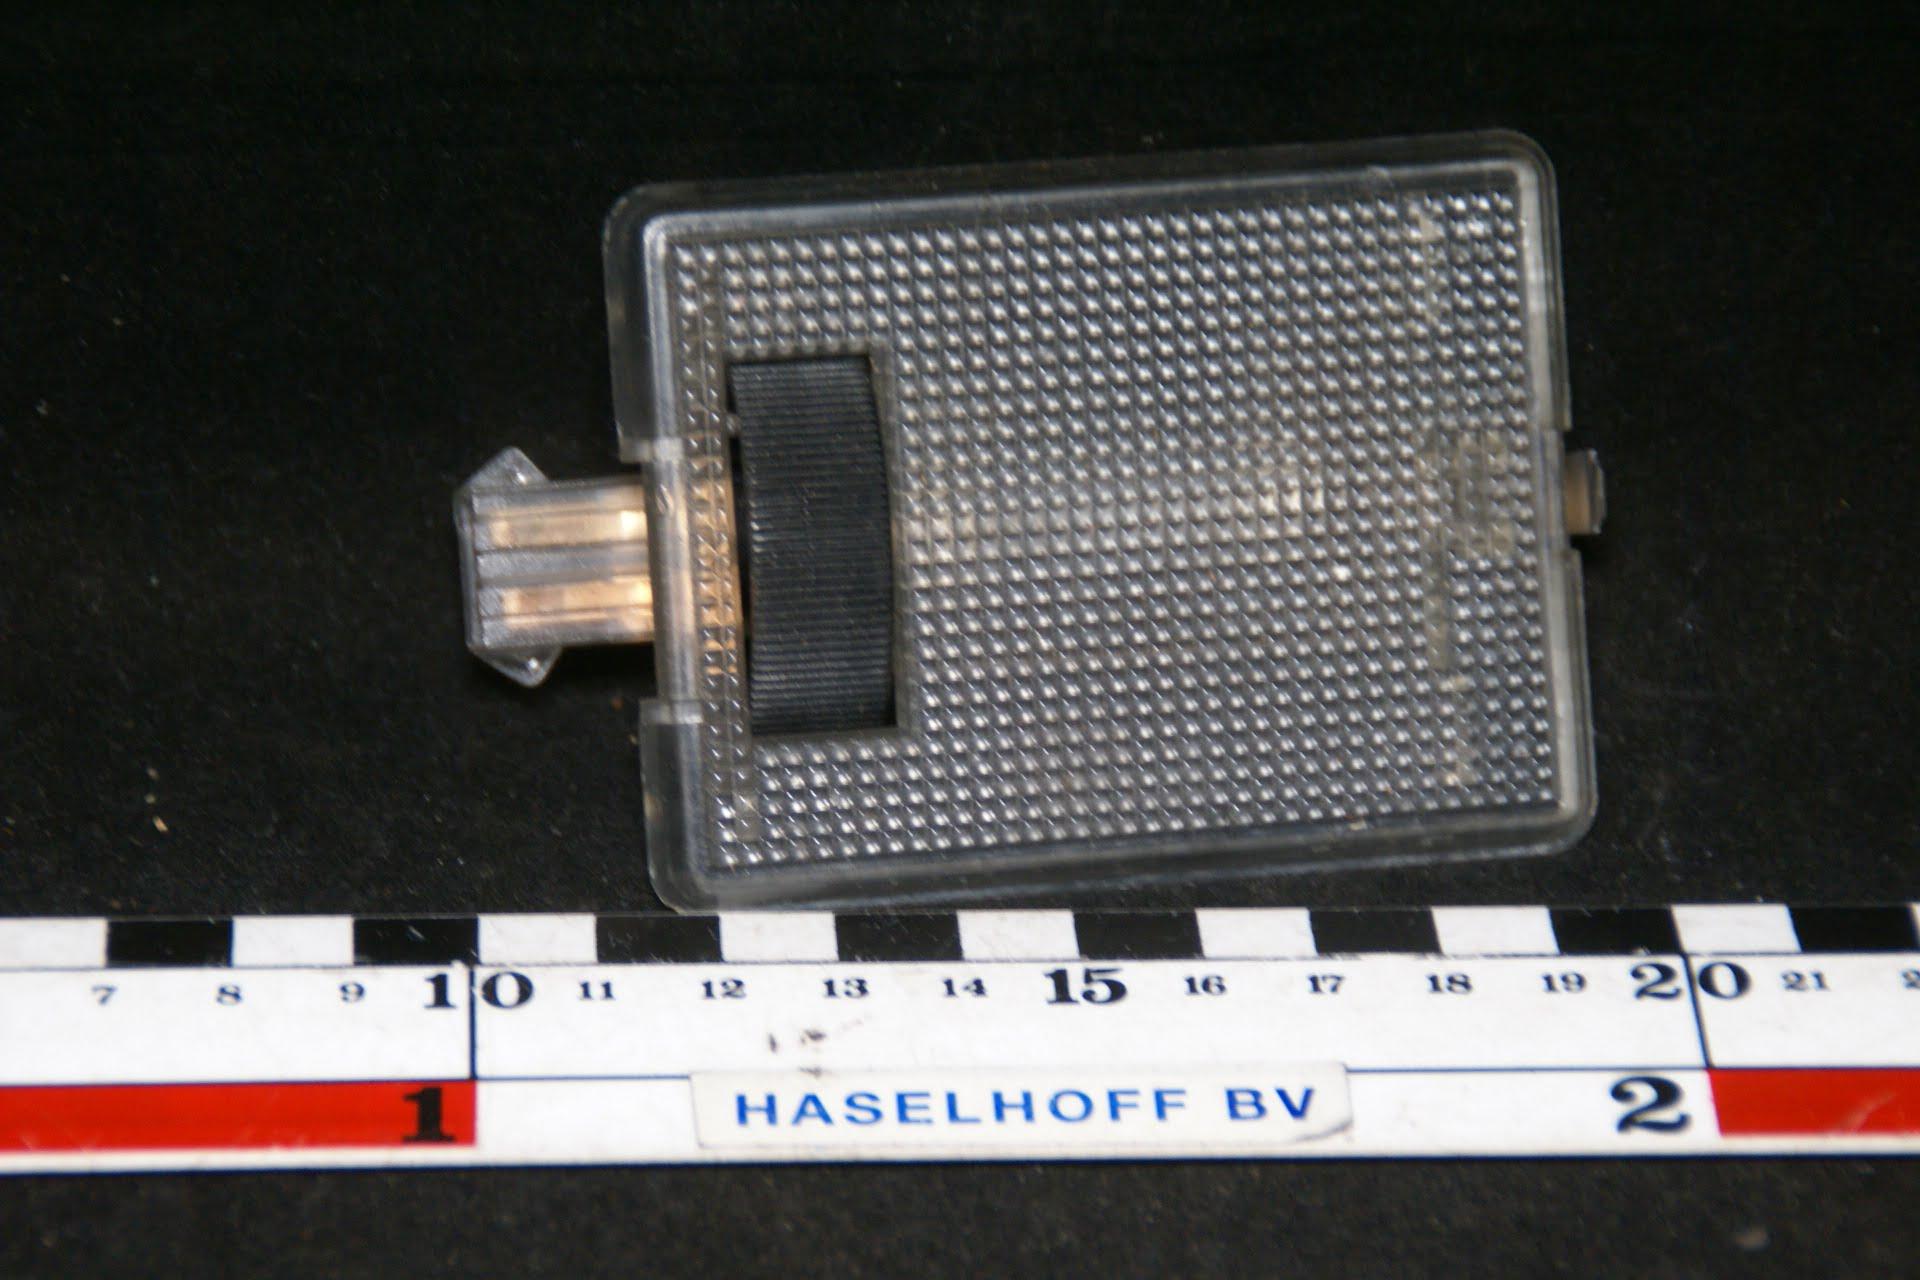 binnenlampje 180910-6366-0